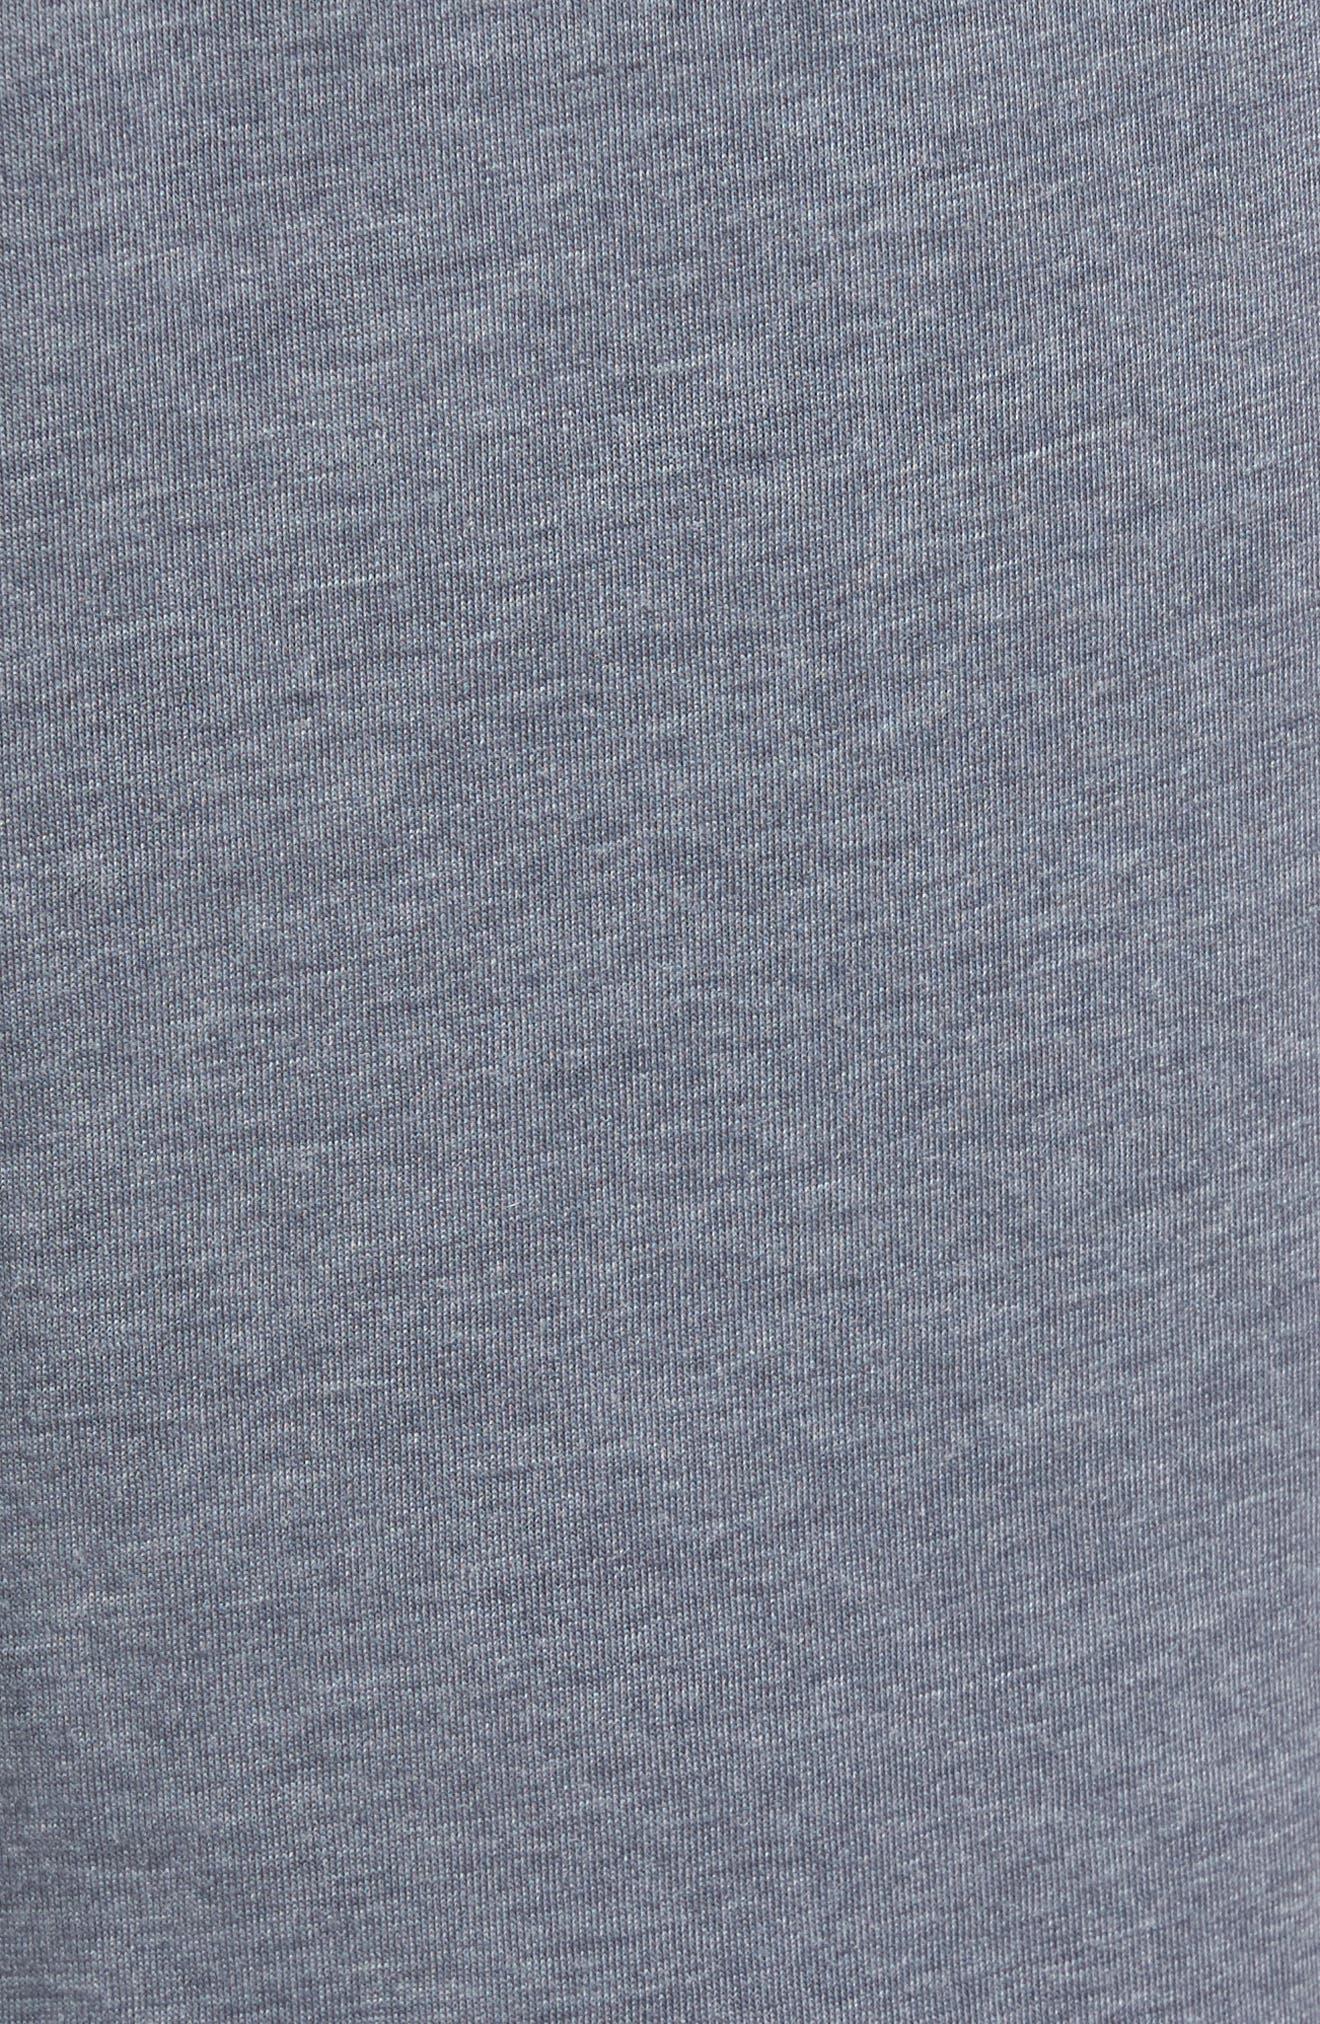 Burnout Lounge Shorts,                             Alternate thumbnail 5, color,                             020